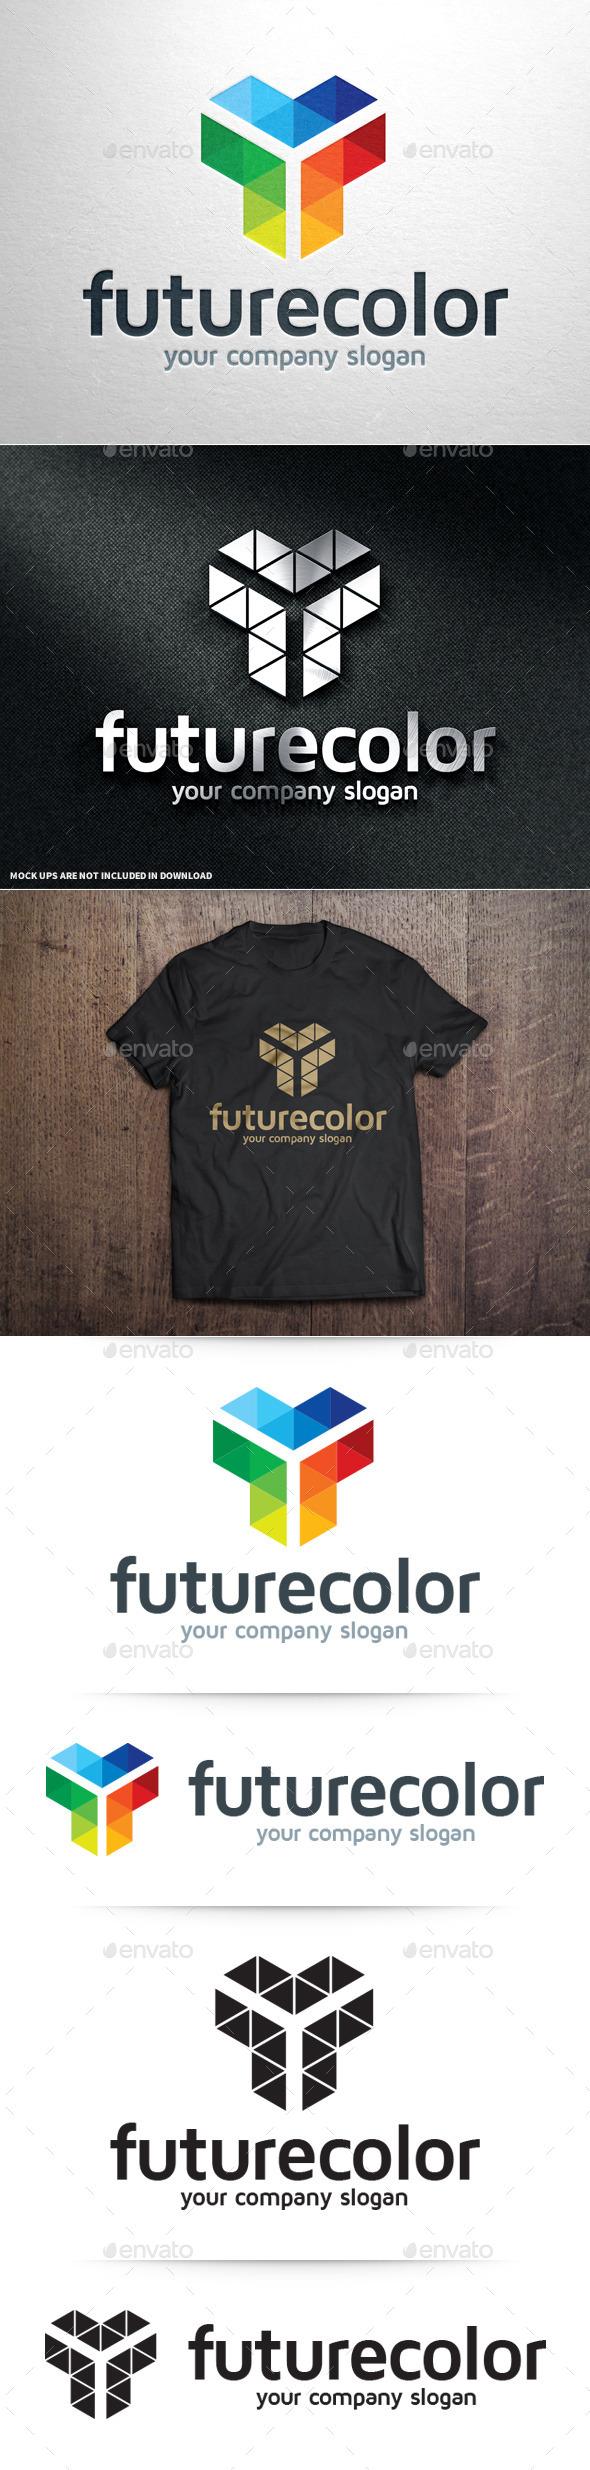 GraphicRiver Future Color Logo Template 10963336